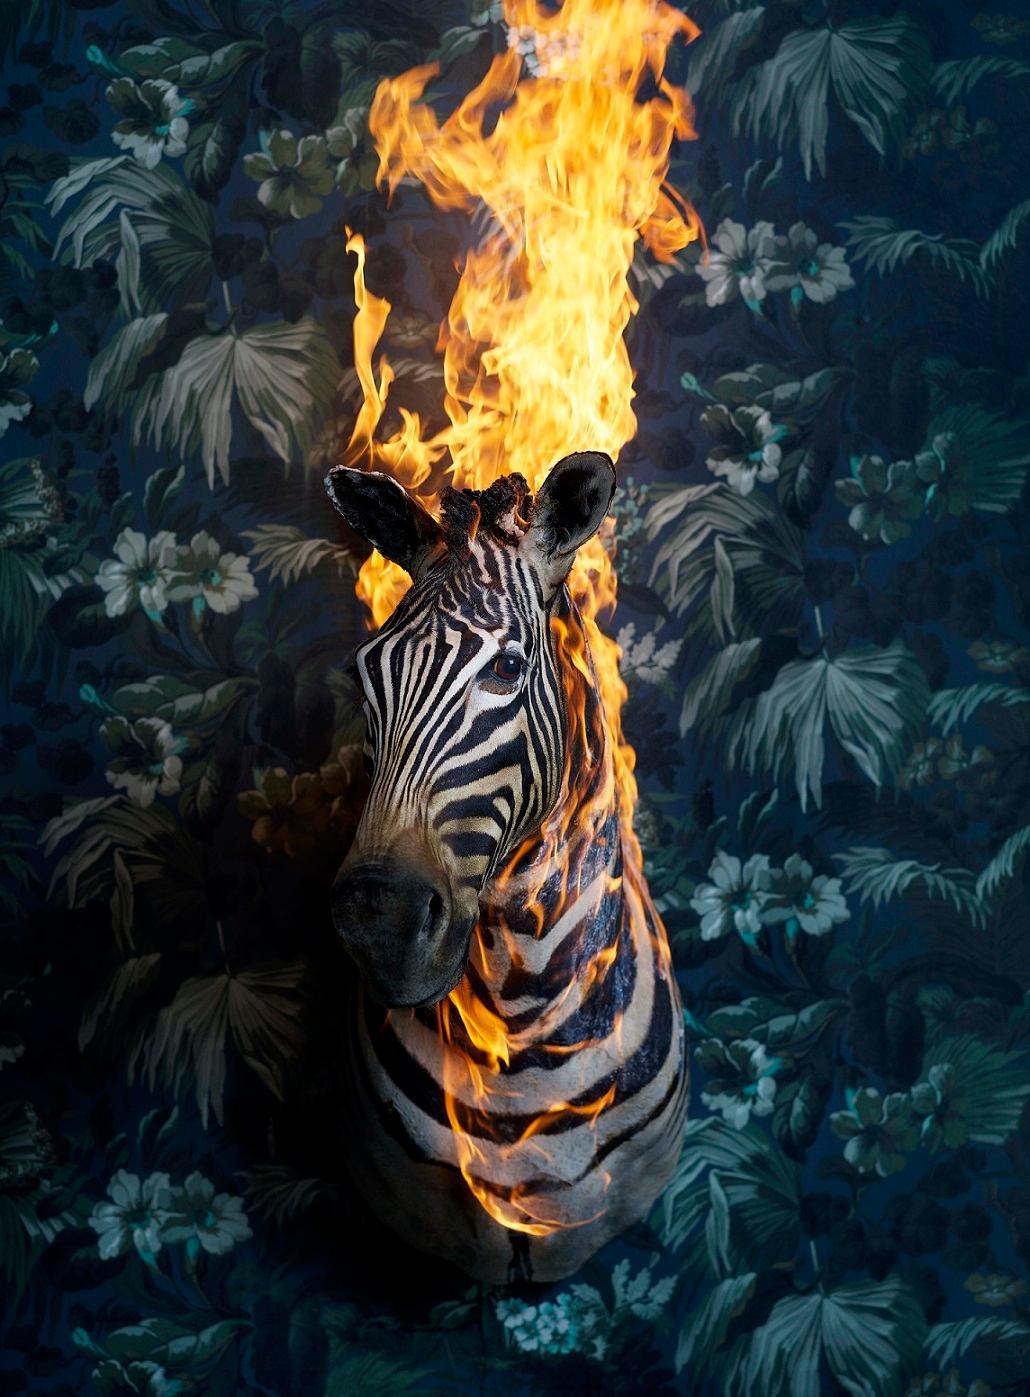 Zebra, Residence of Impermanence series